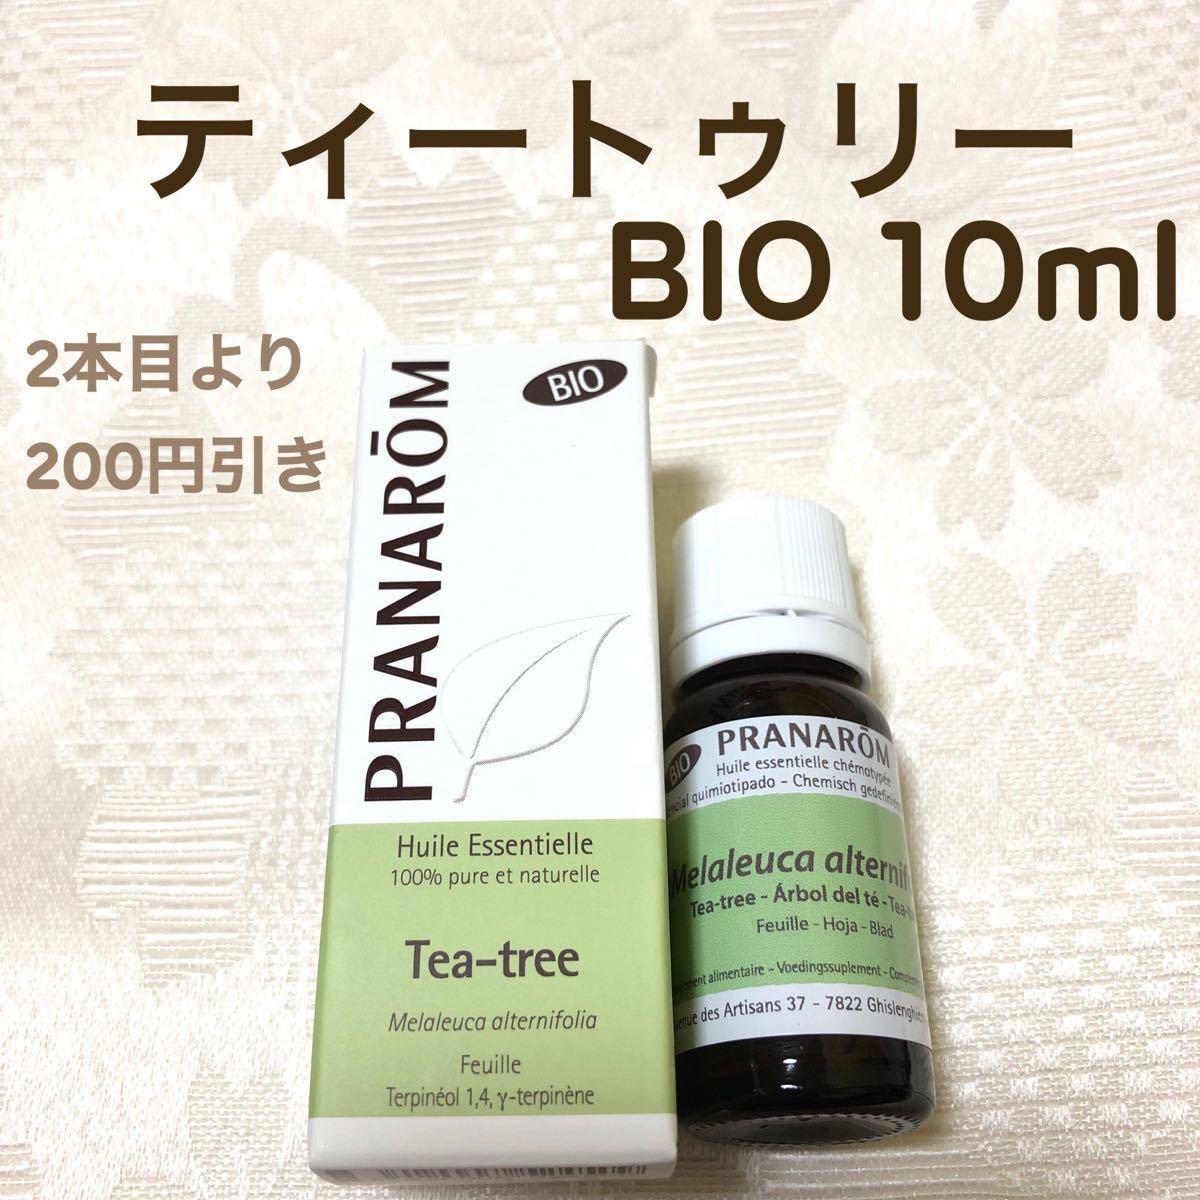 【ティートゥリー BIO 】10ml プラナロム 精油